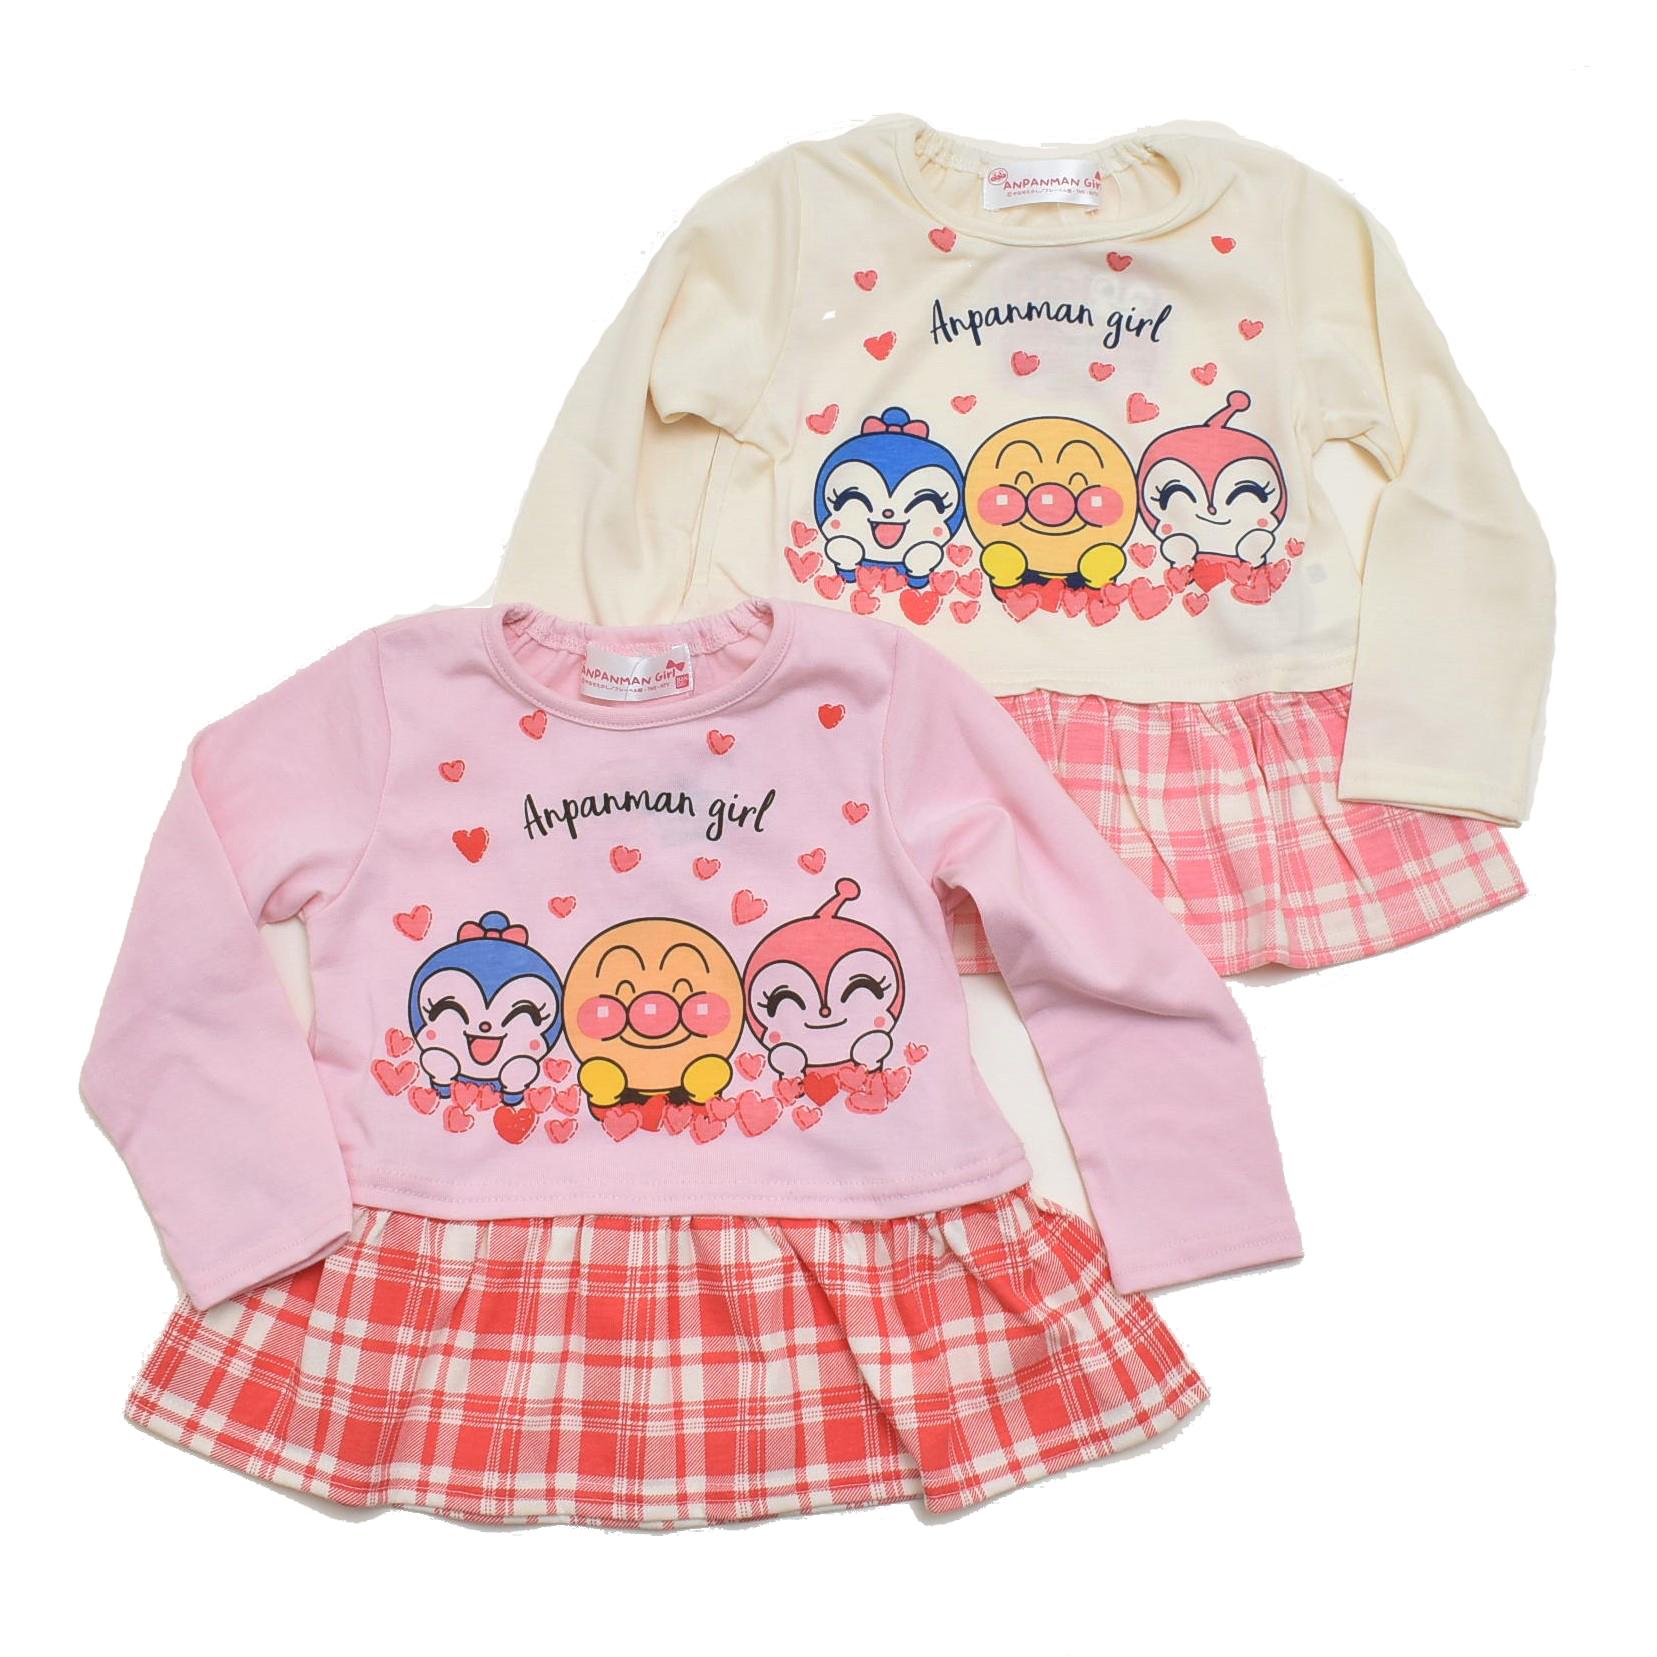 アンパンマンガール ドキン コキン 長袖Tシャツ  90cm/95cm (FA3495)